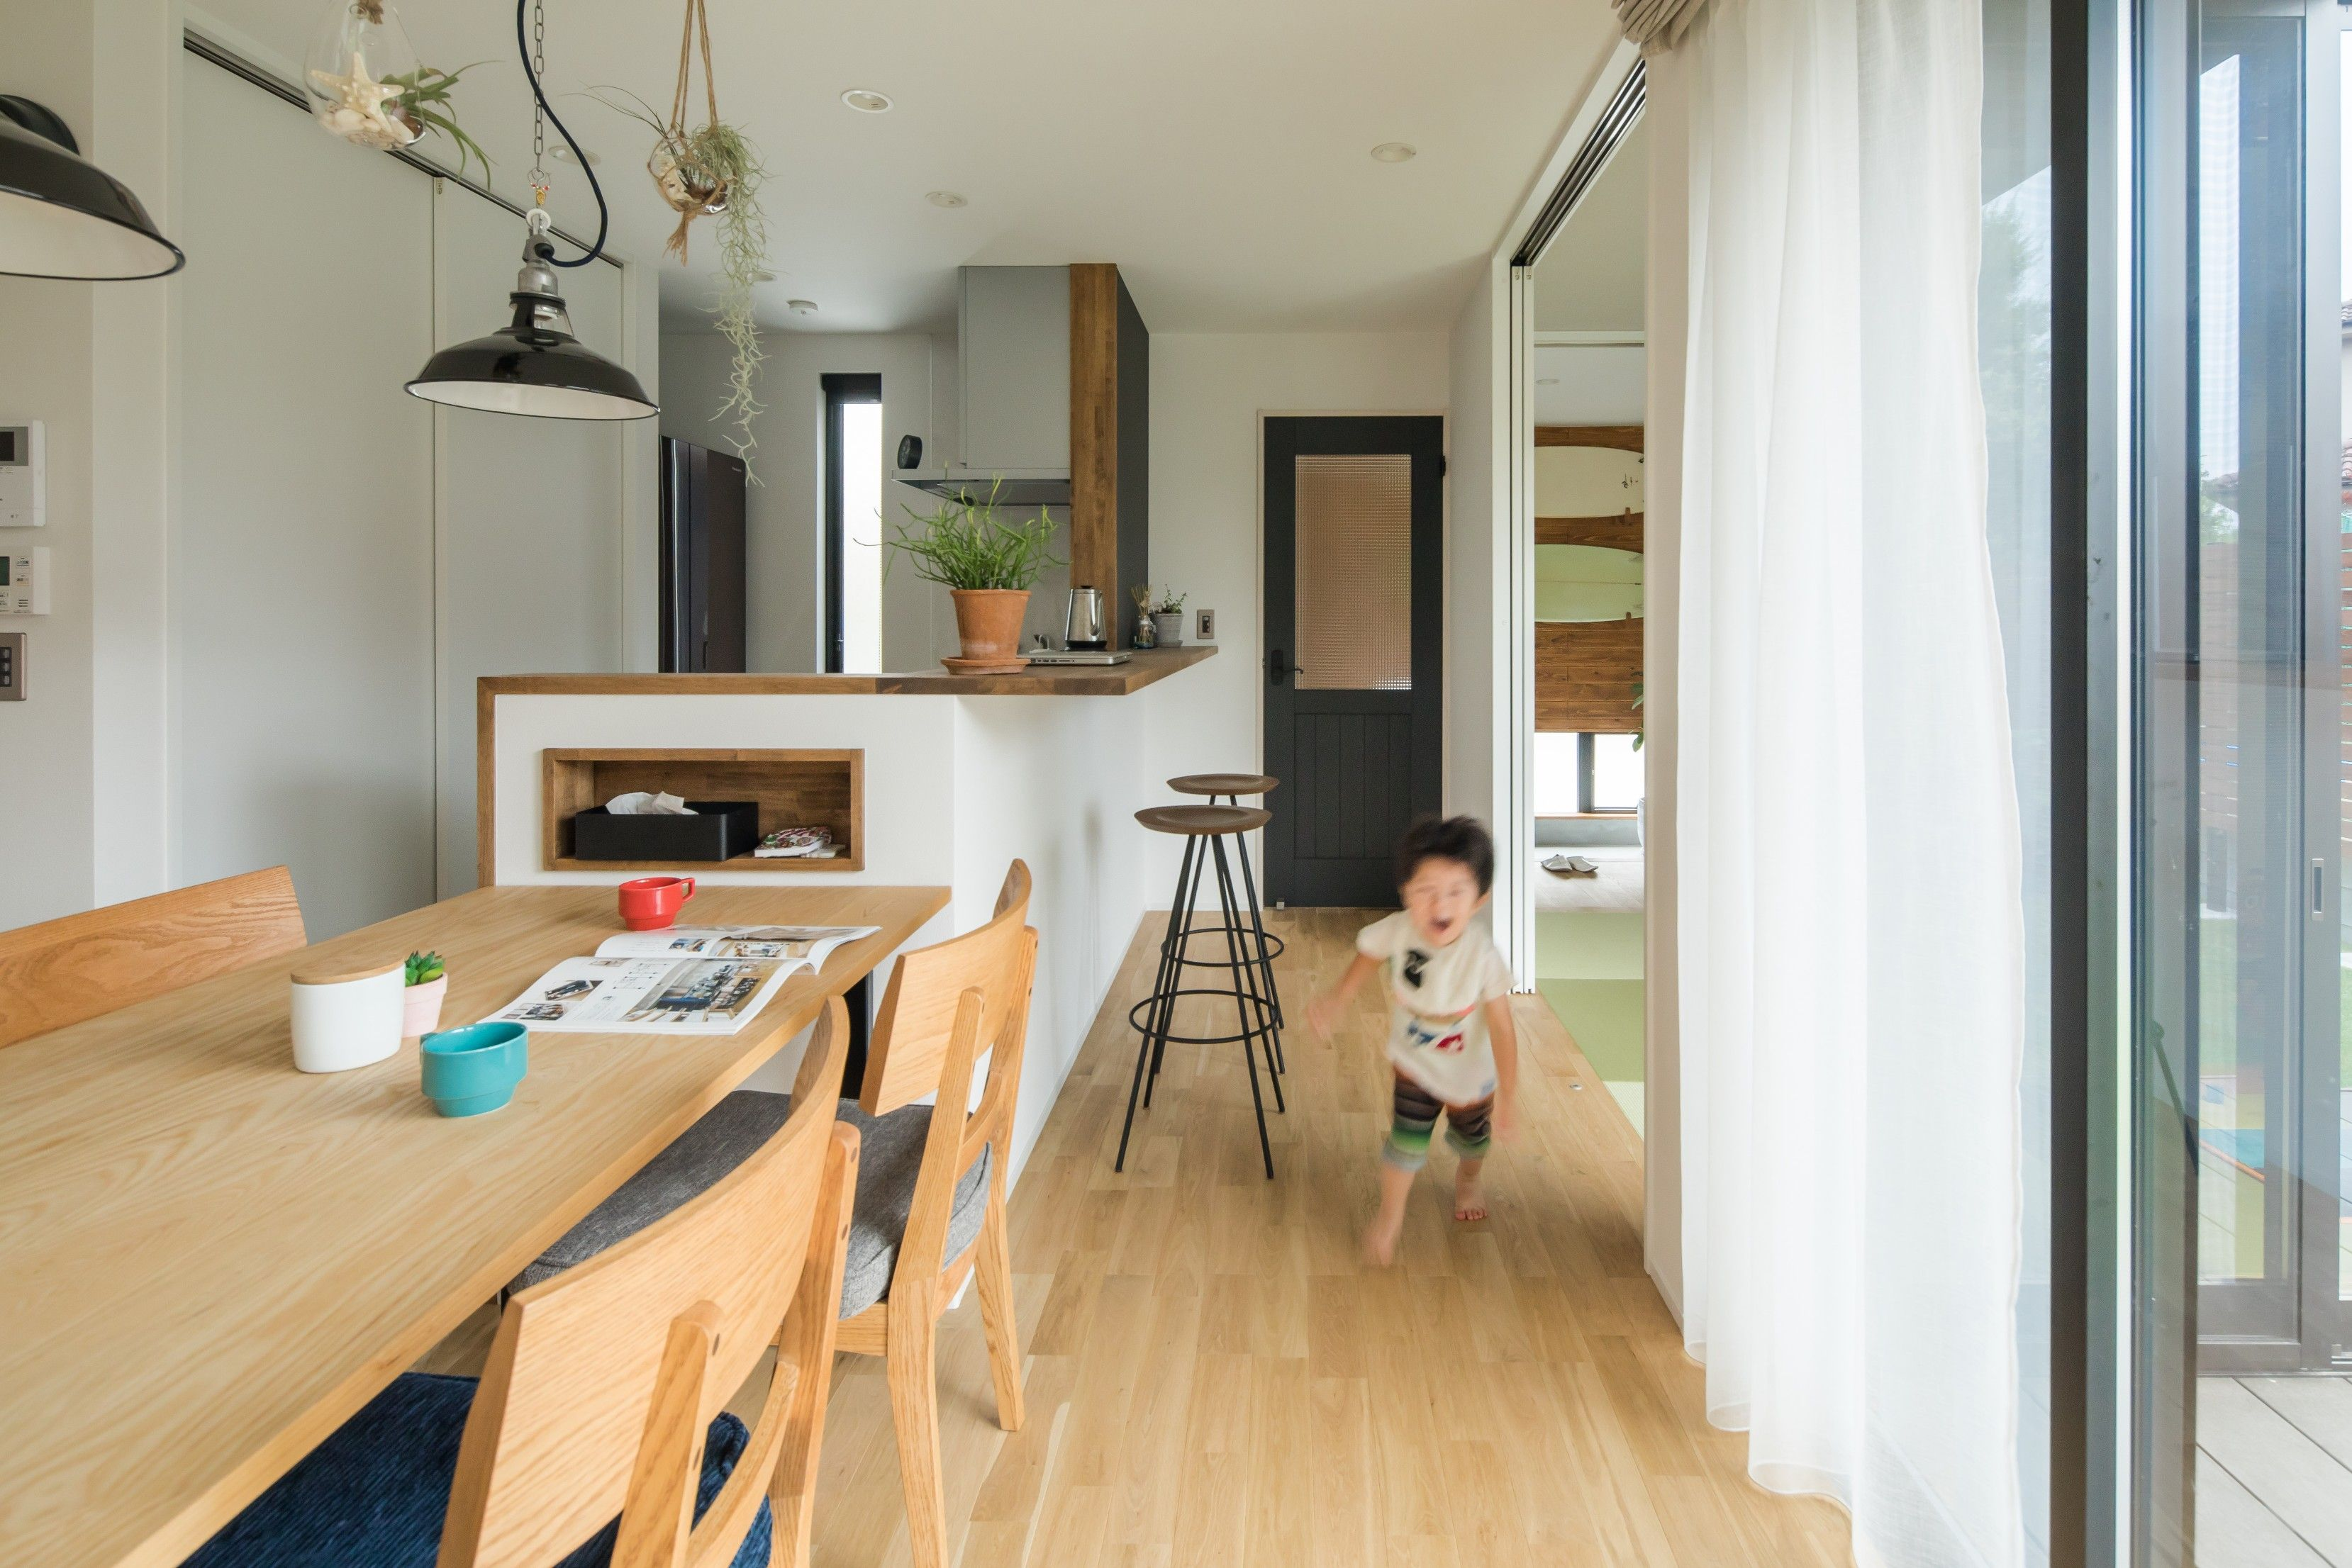 家族との会話が楽しめるカウンターキッチン 遊ぶ子どもの様子を見守りながらも 食事の準備 片付けはシンプル動線 という計算されたレイアウトです ルポハウス 設計士とつくる家 注文住宅 デザインハウス 自由設計 マイホーム 家づくり 施工事例 滋賀